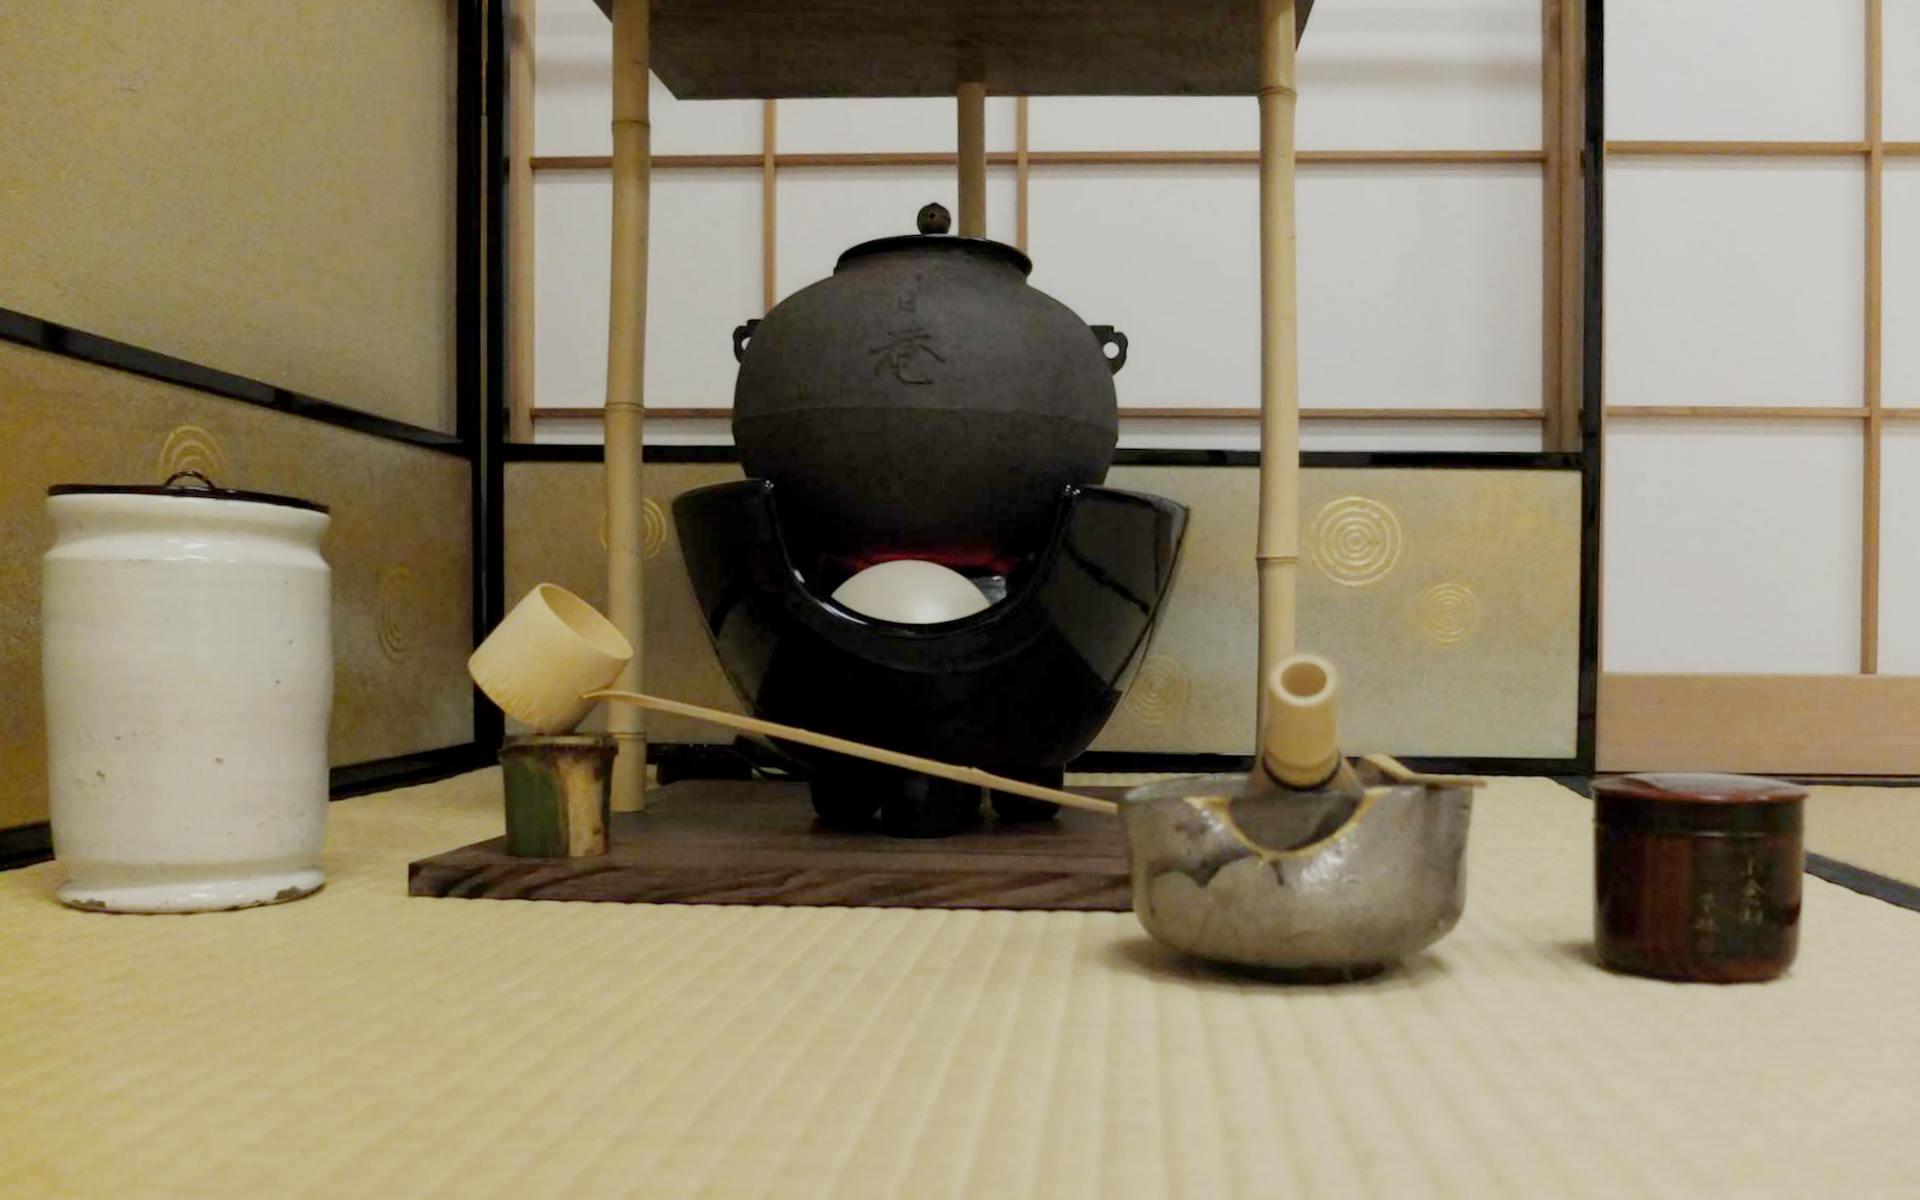 半枯れの竹の蓋置きに、金継ぎされた器、不昧公の棗に清々しい白の水差しを合わせて、今日のお道具一式です